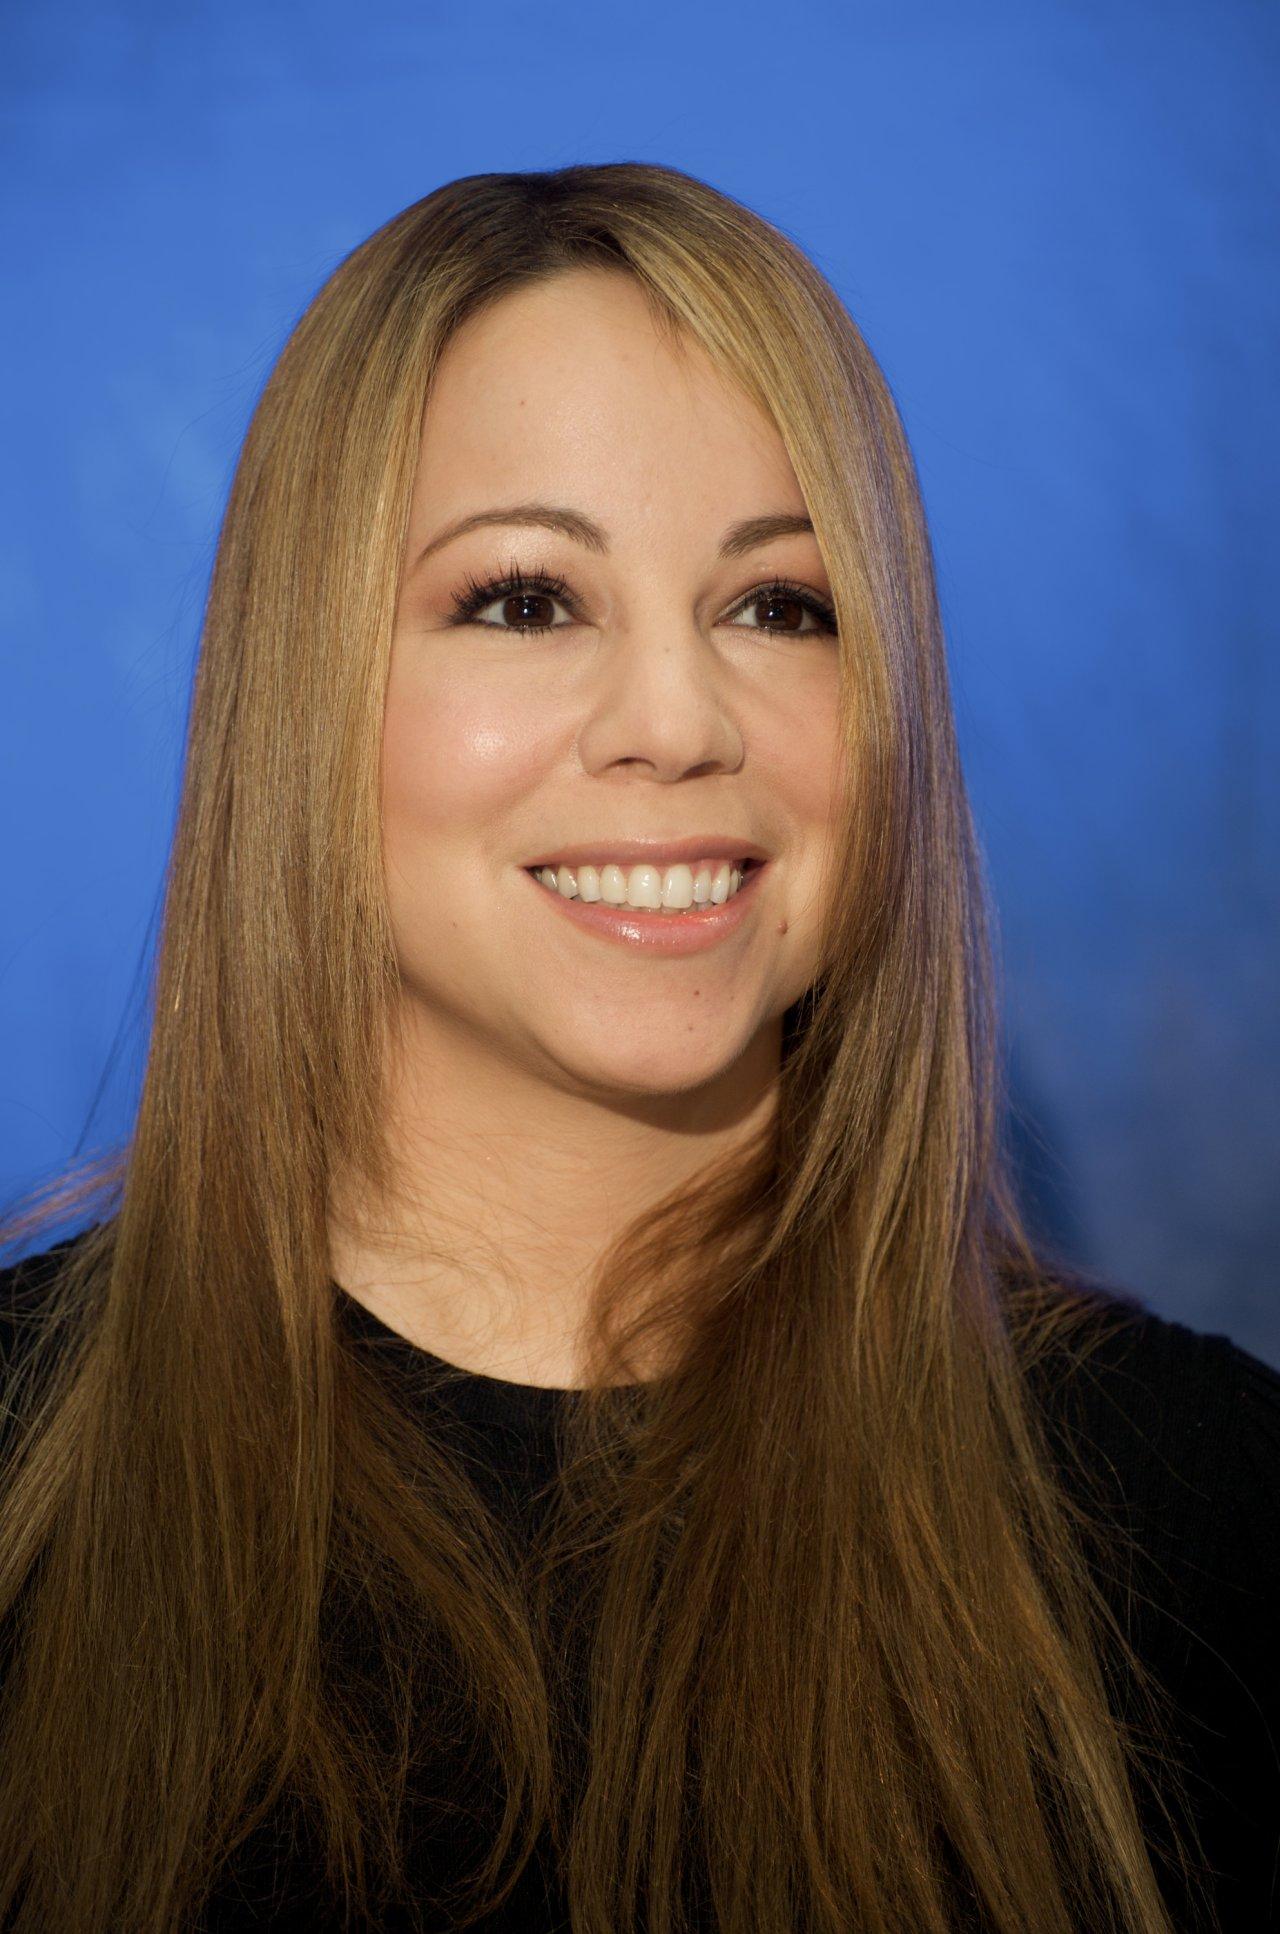 Mariah Carey - Photo Colection